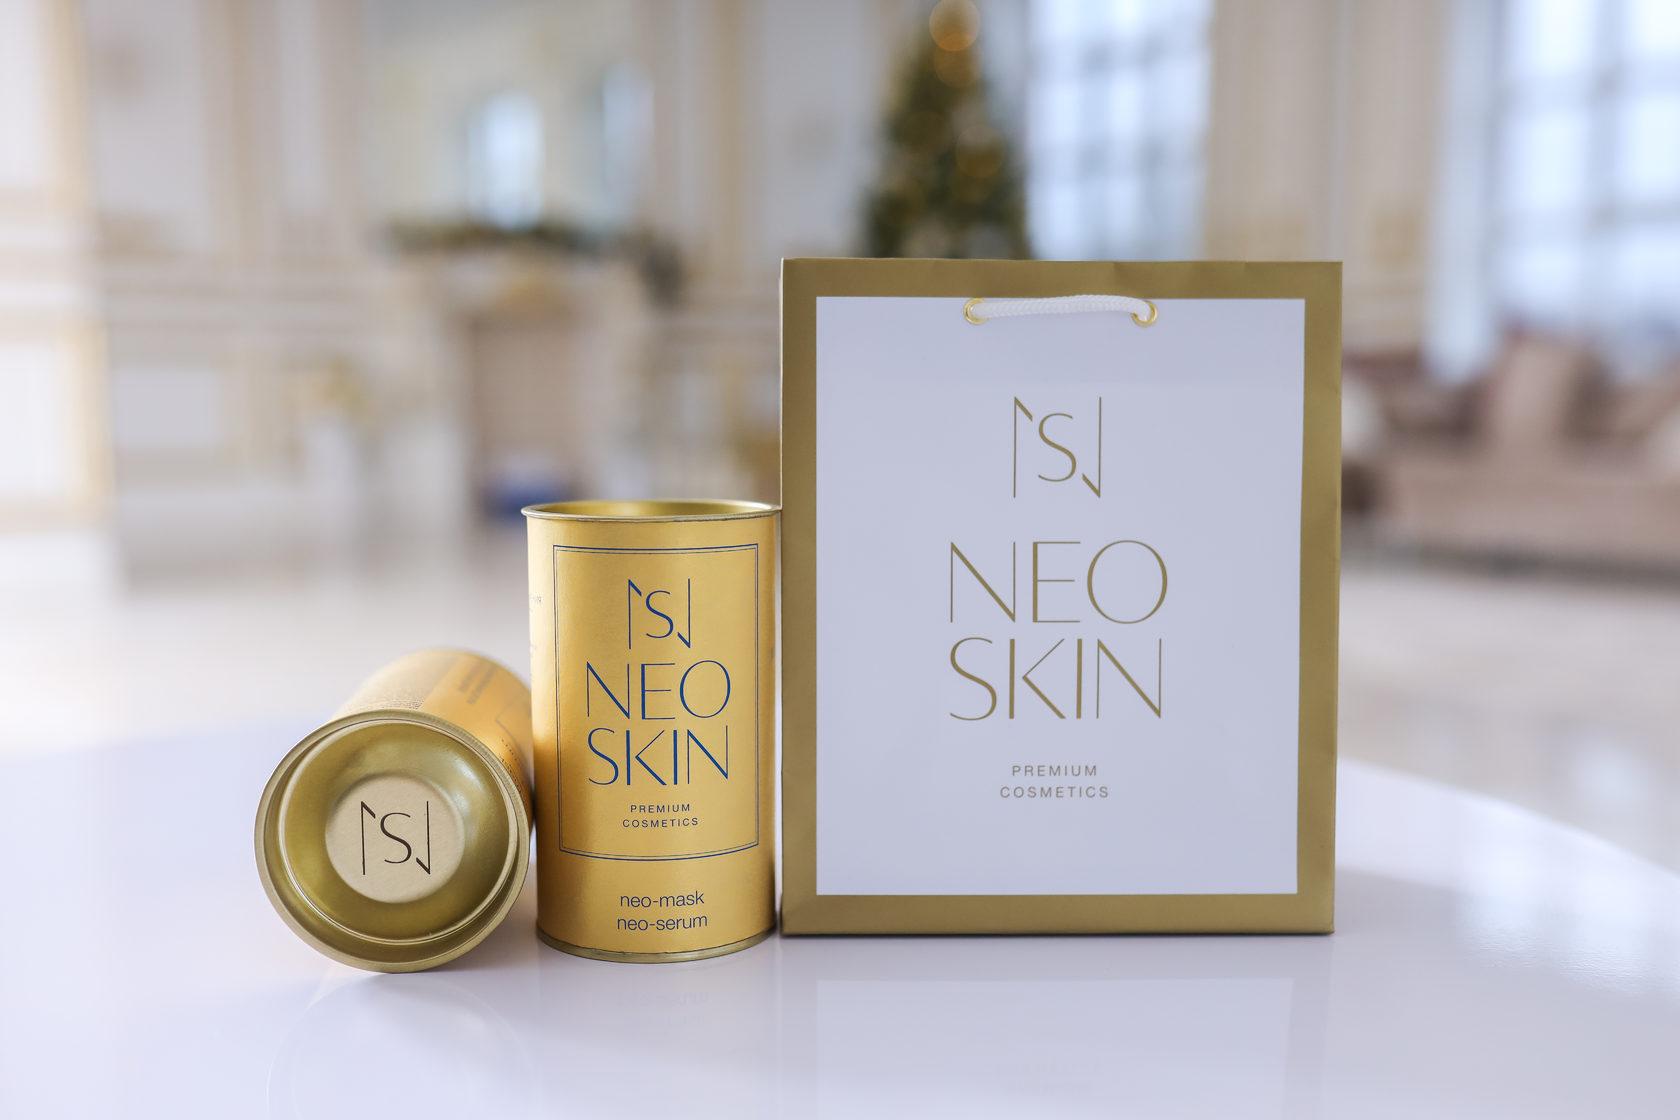 Neo косметика купить купить косметику орифлейм со скидкой